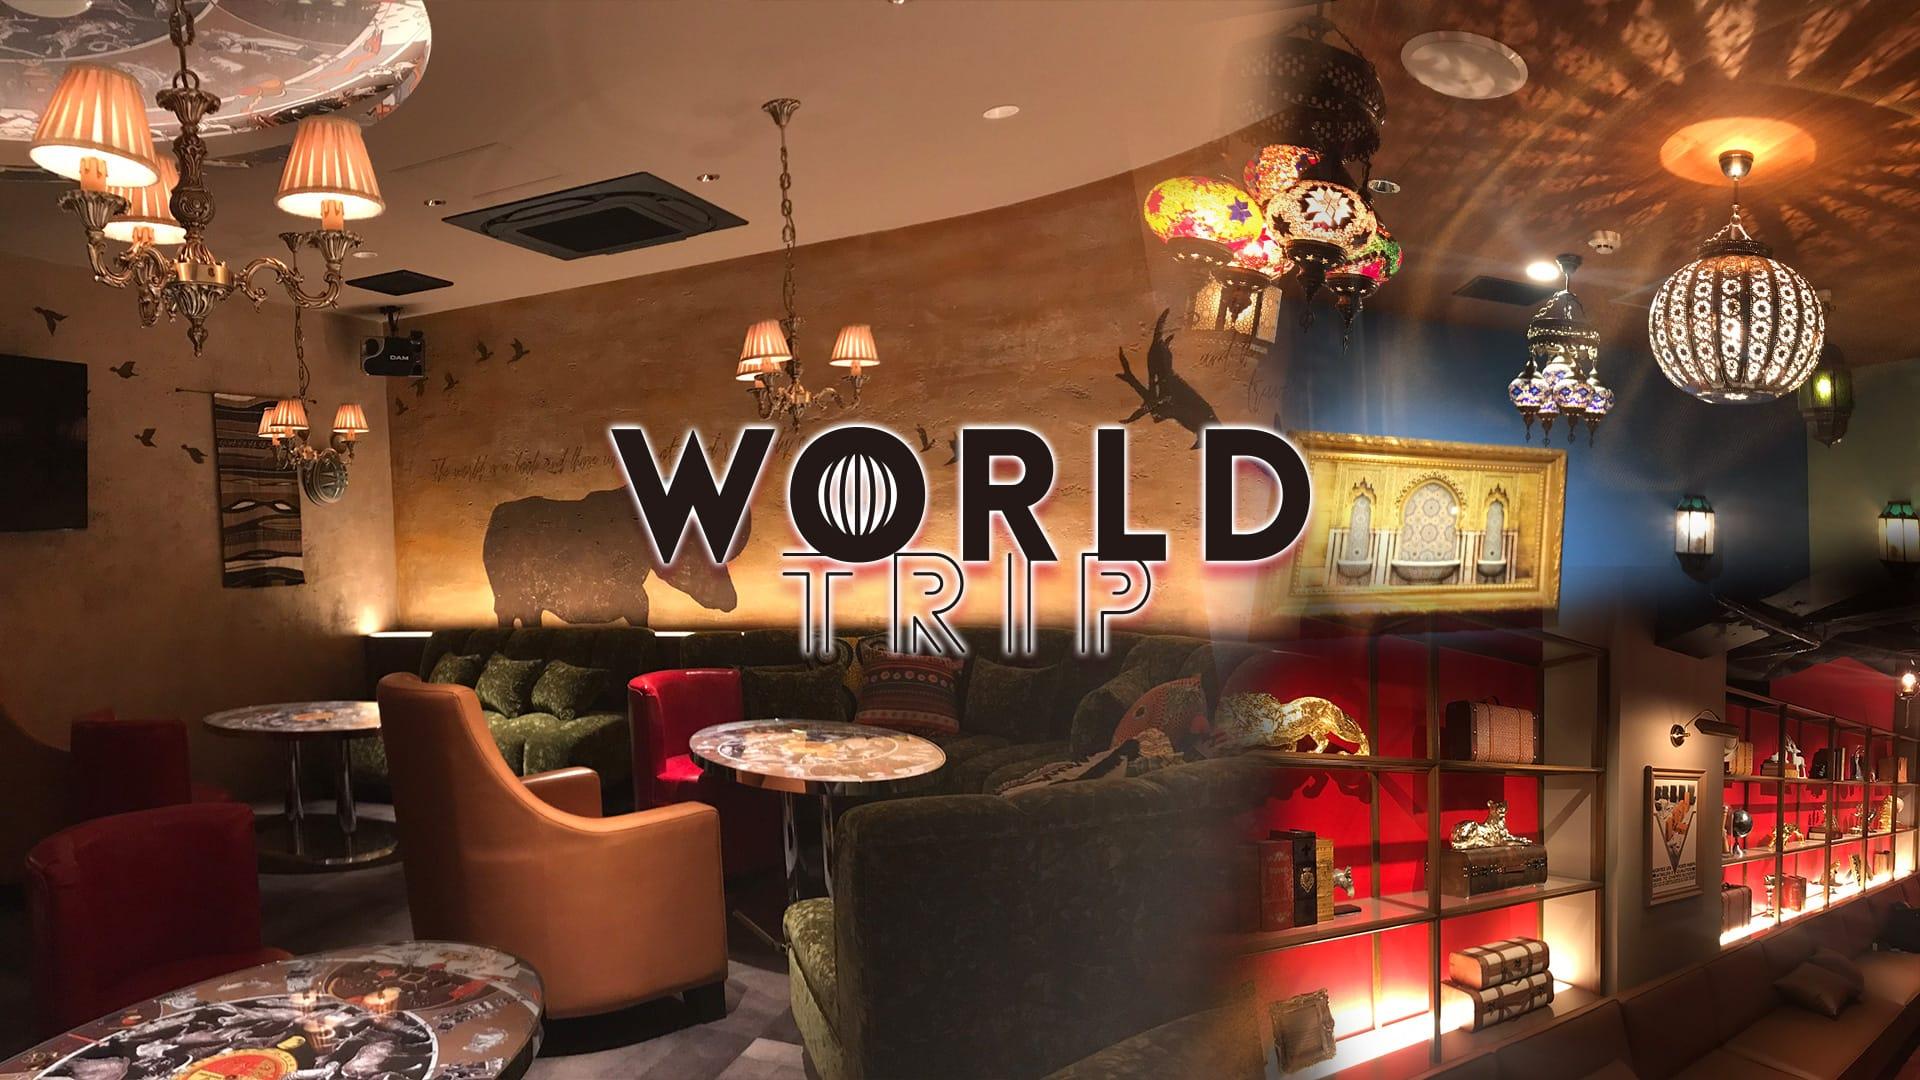 WORLD TRIP(ワールドトリップ) 流川キャバクラ TOP画像